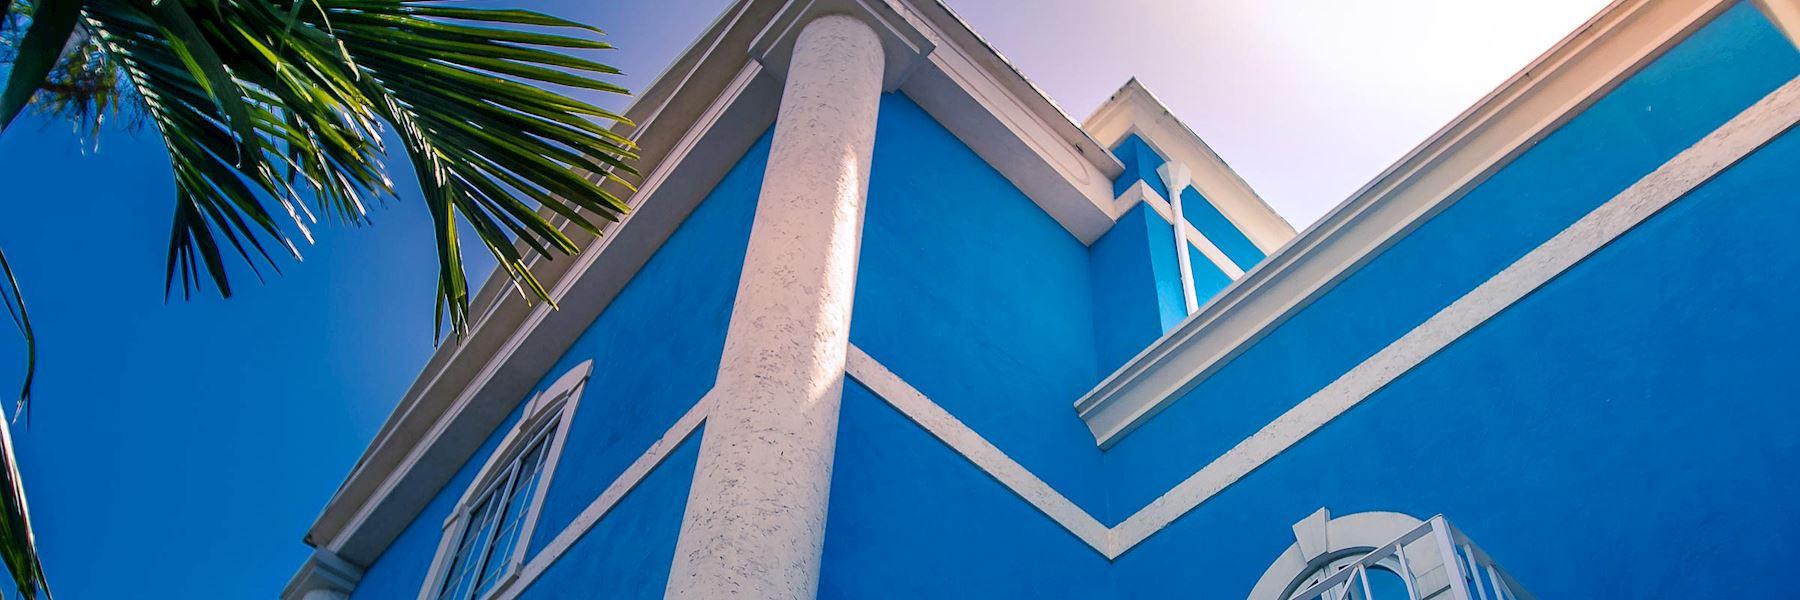 Visit Holetown, Barbados